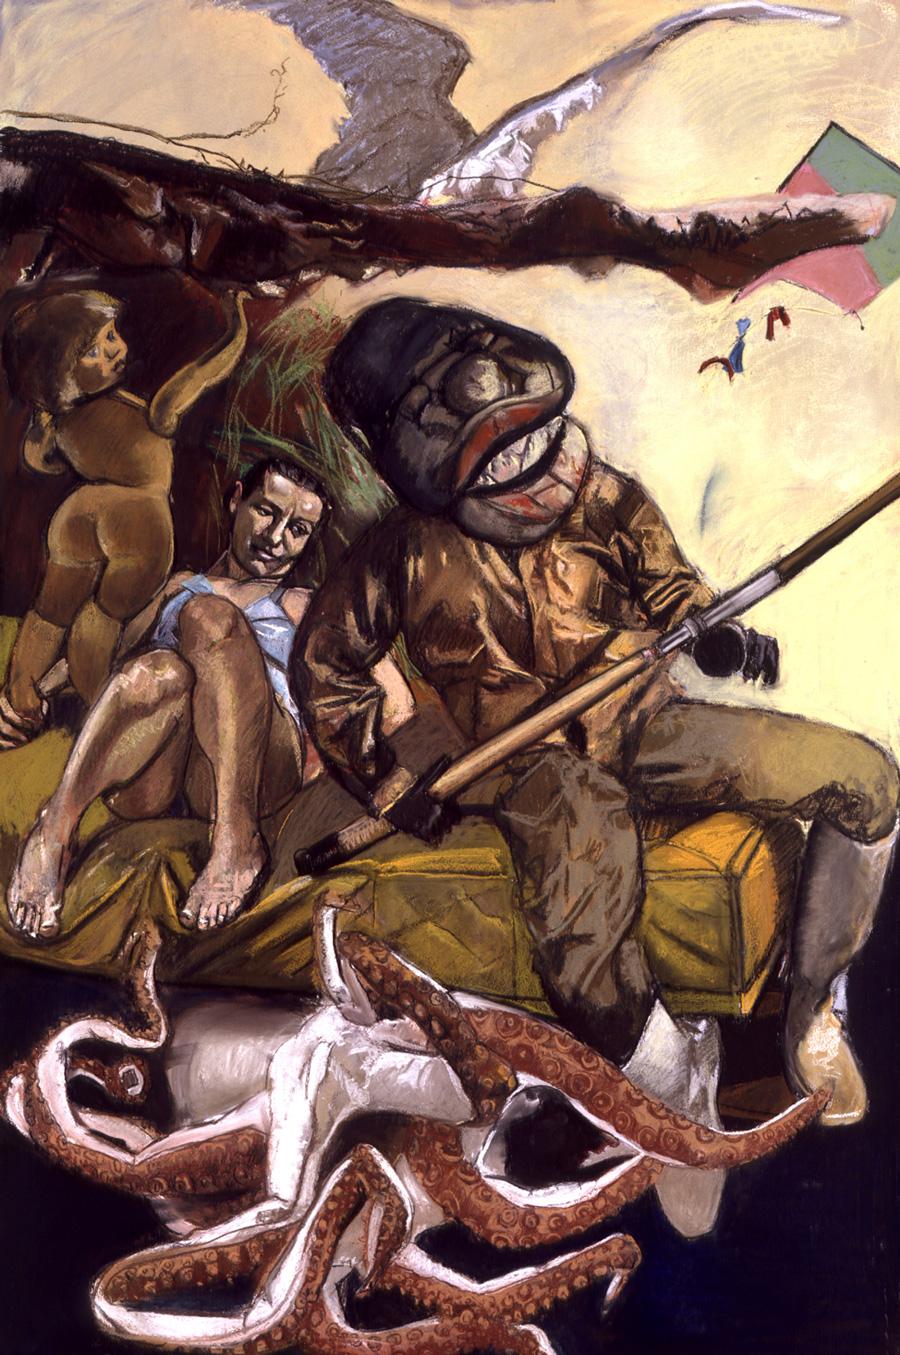 Paula Rego The Fisherman (2005) - panneau droit du triptyque